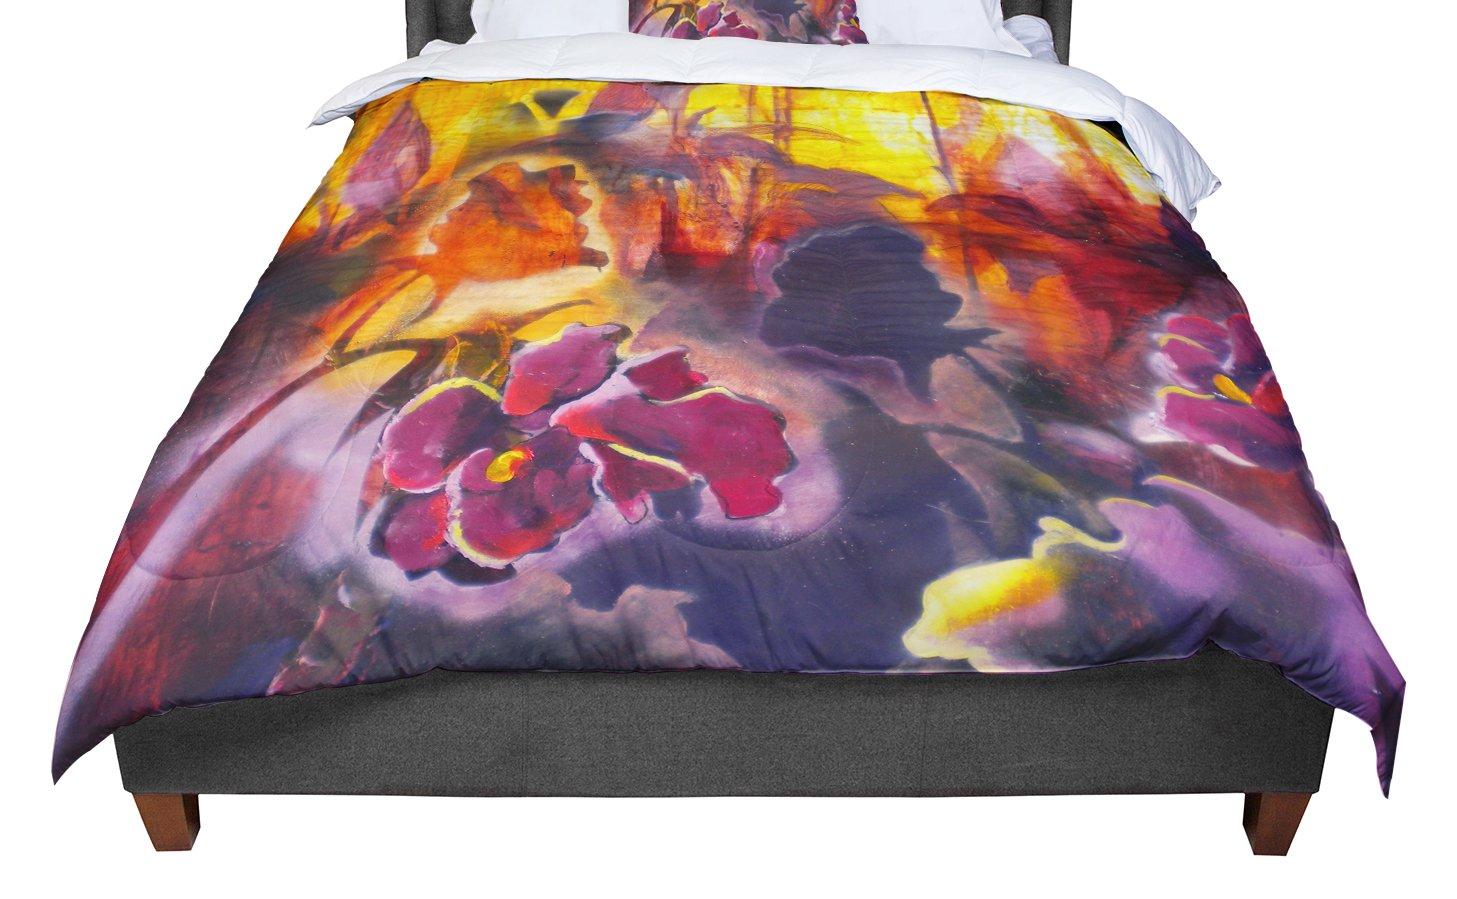 KESS InHouse Kristin Humphrey Release Pink Orange King Cal King Comforter 104 X 88